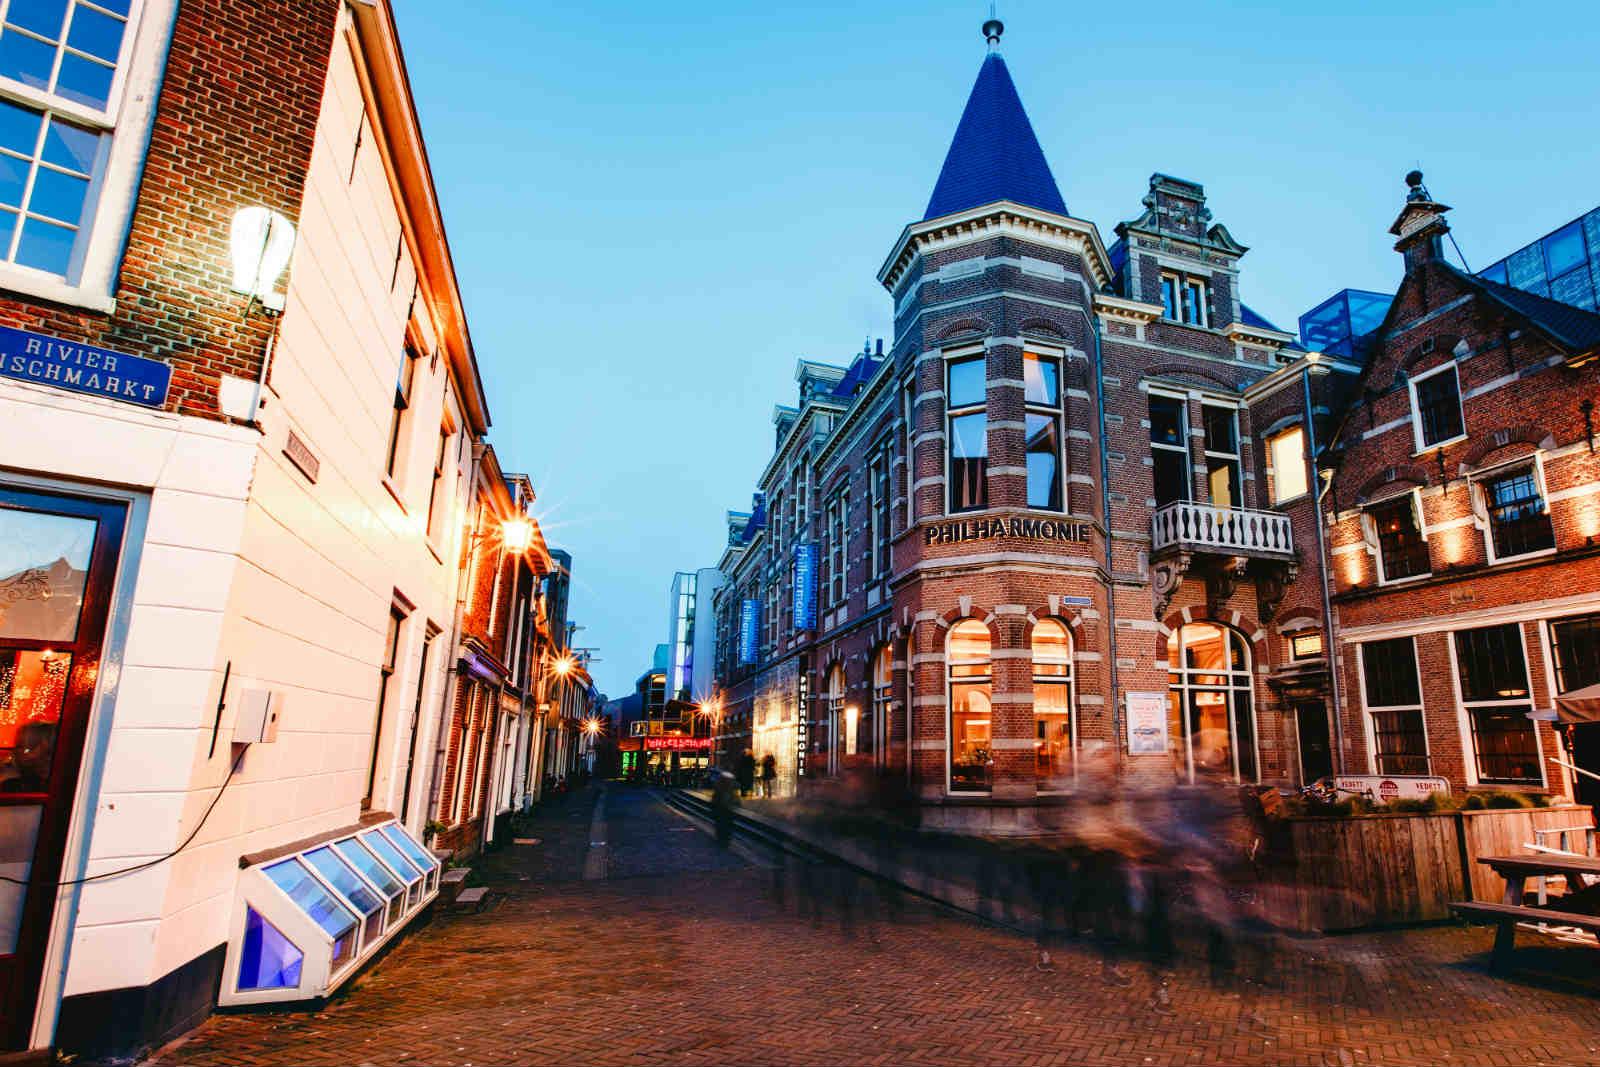 Stadsschouwburg & Philharmonie Haarlem - Bibi Veth